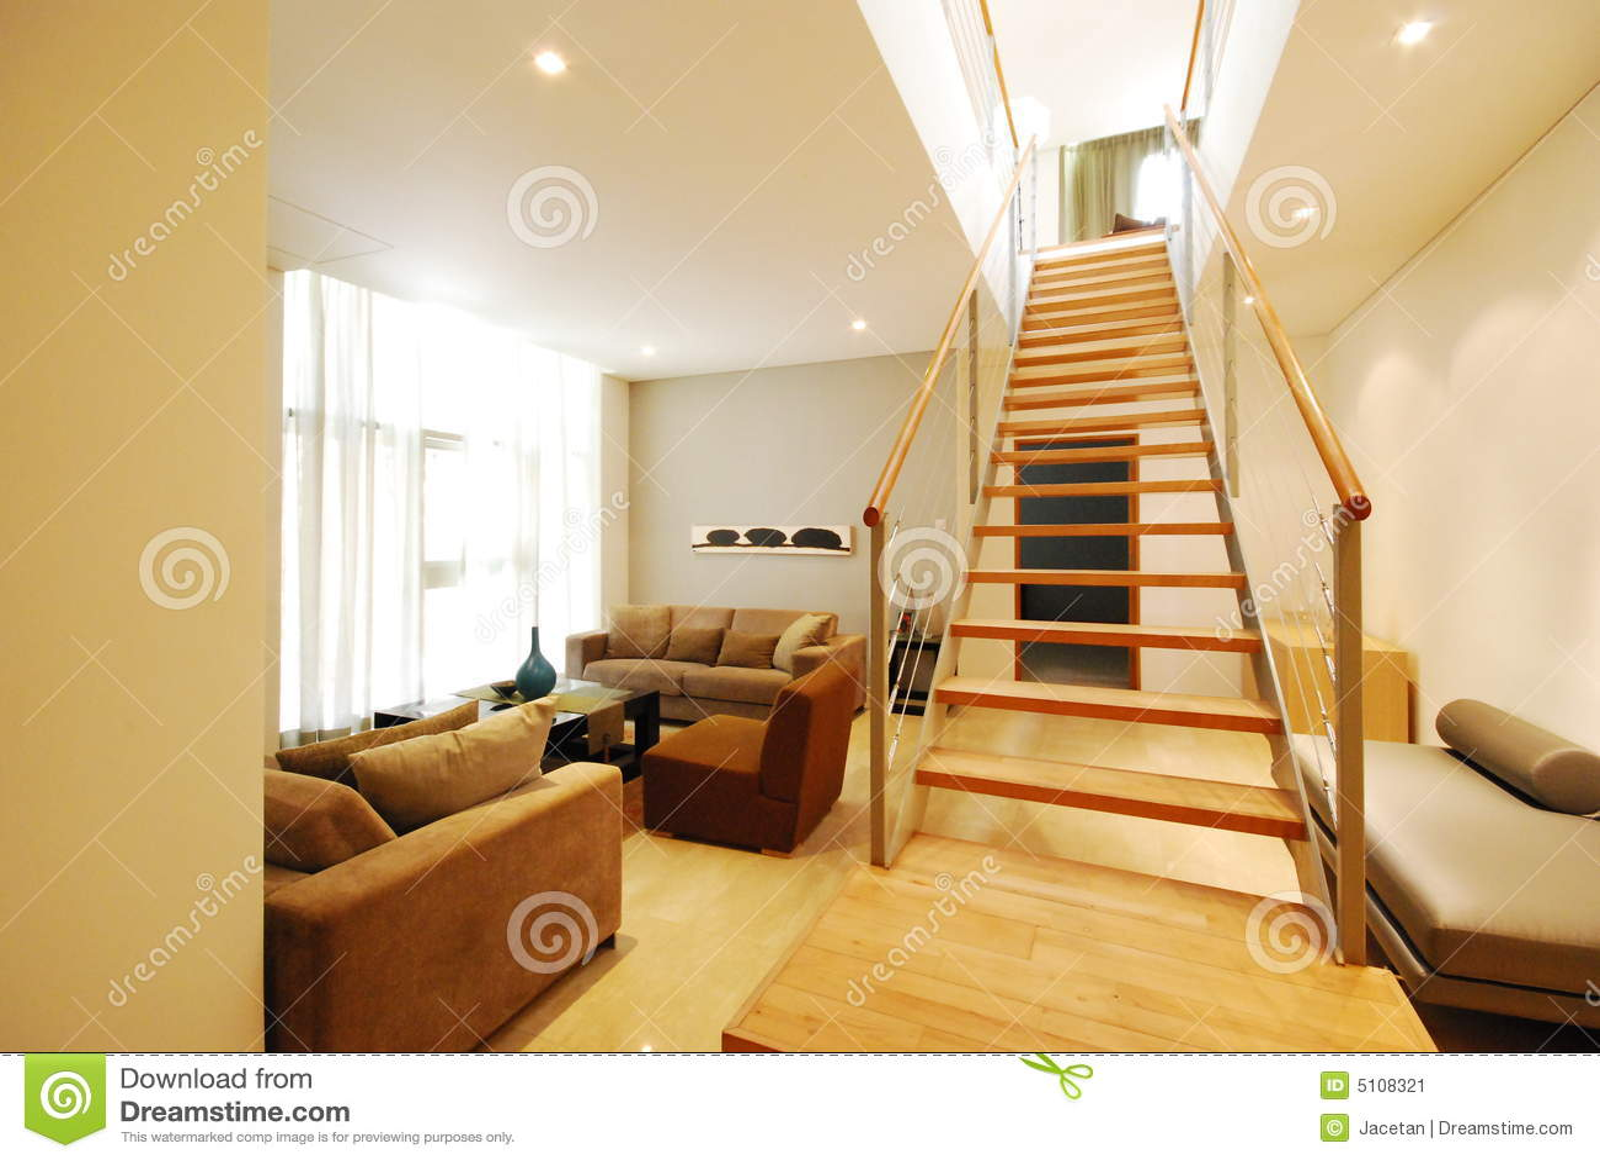 Salon Moderne De Sous-sol Dans La Ville Image stock - Image ...